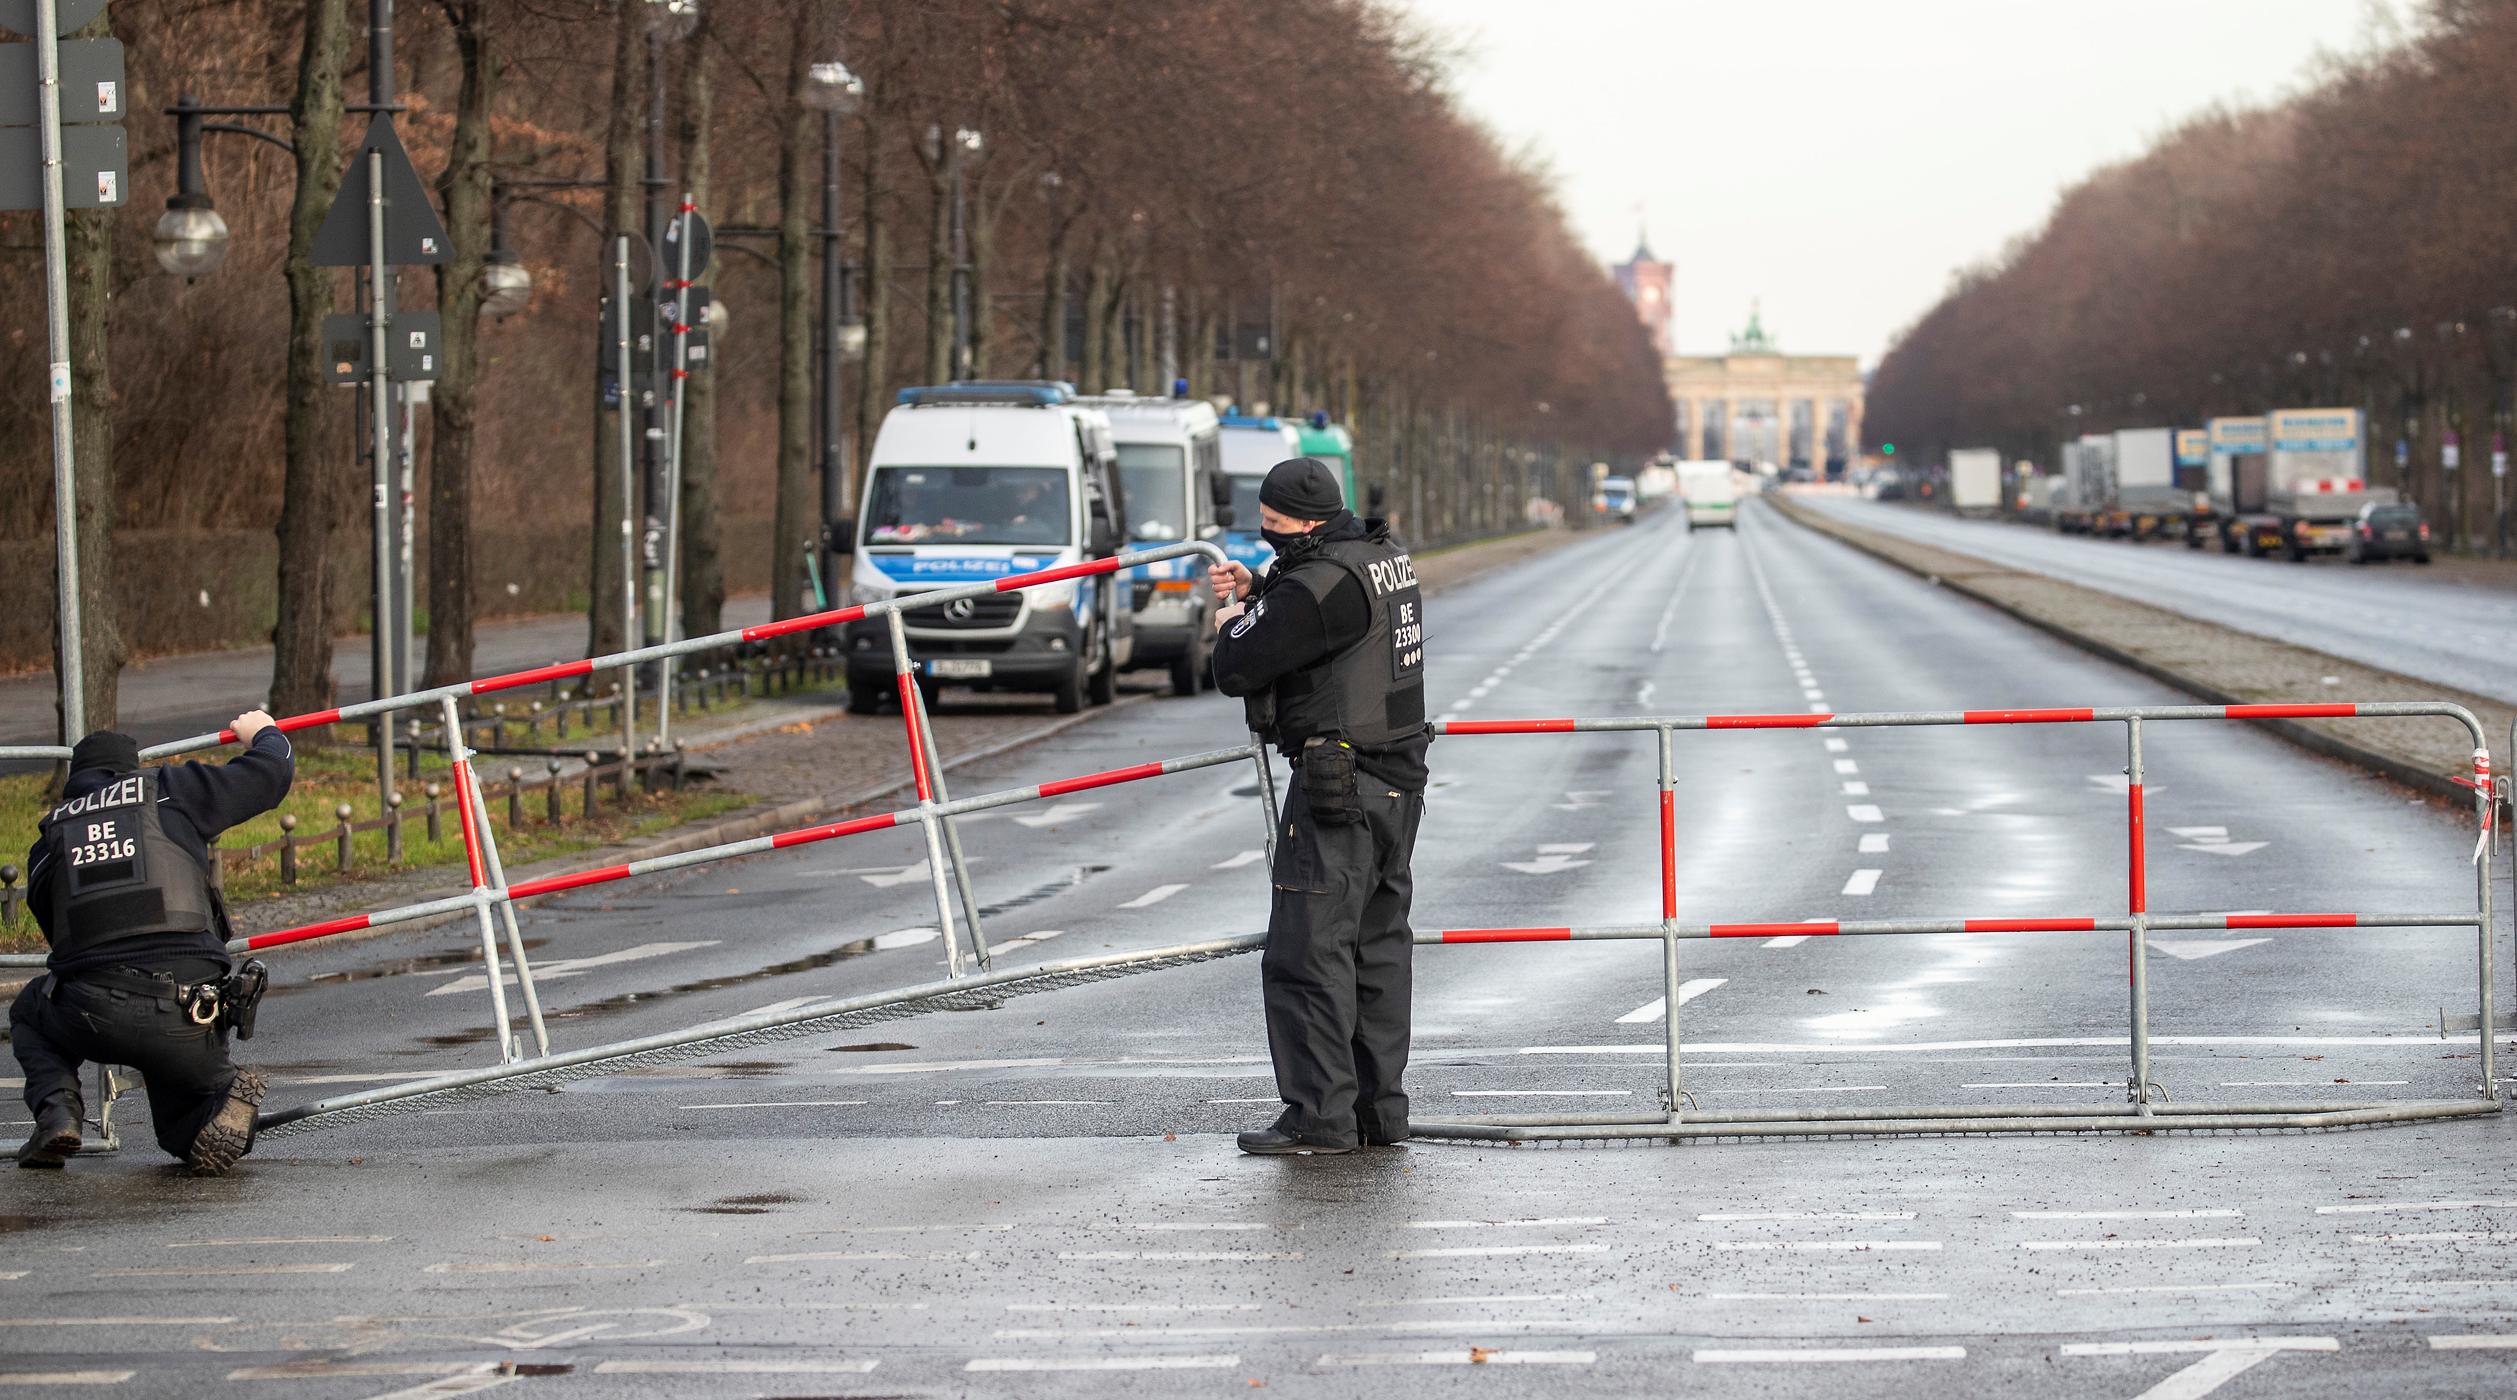 Γερμανία: Ετοιμάζεται για παράταση lockdown και μετά τις 10 Ιανουαρίου